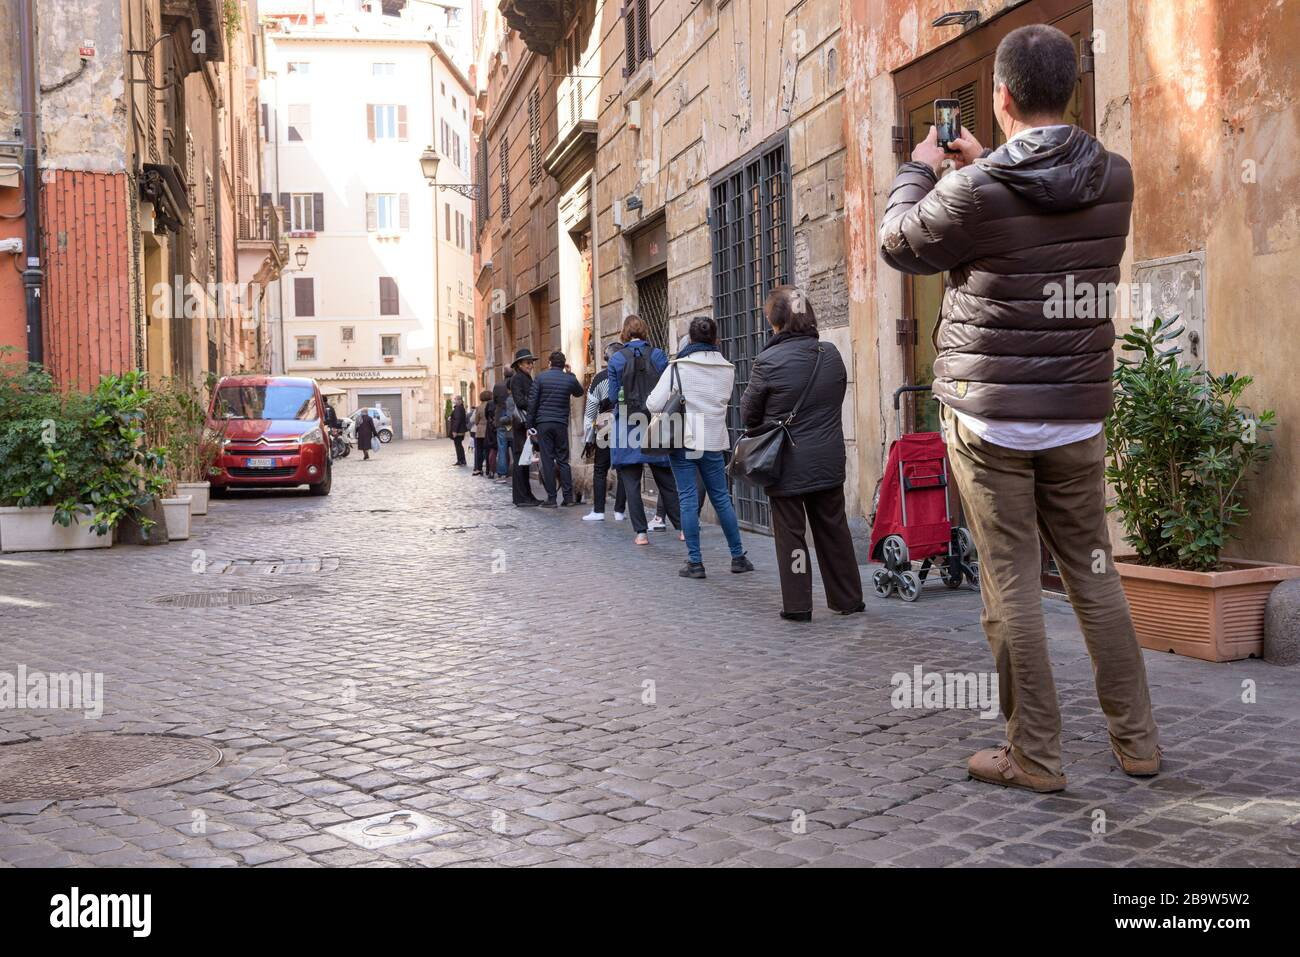 ROMA, ITALIA - 12 marzo 2020: I clienti si allineano al di fuori di un supermercato locale nel centro di Roma. Solo poche persone possono entrare alla volta, e scal Foto Stock